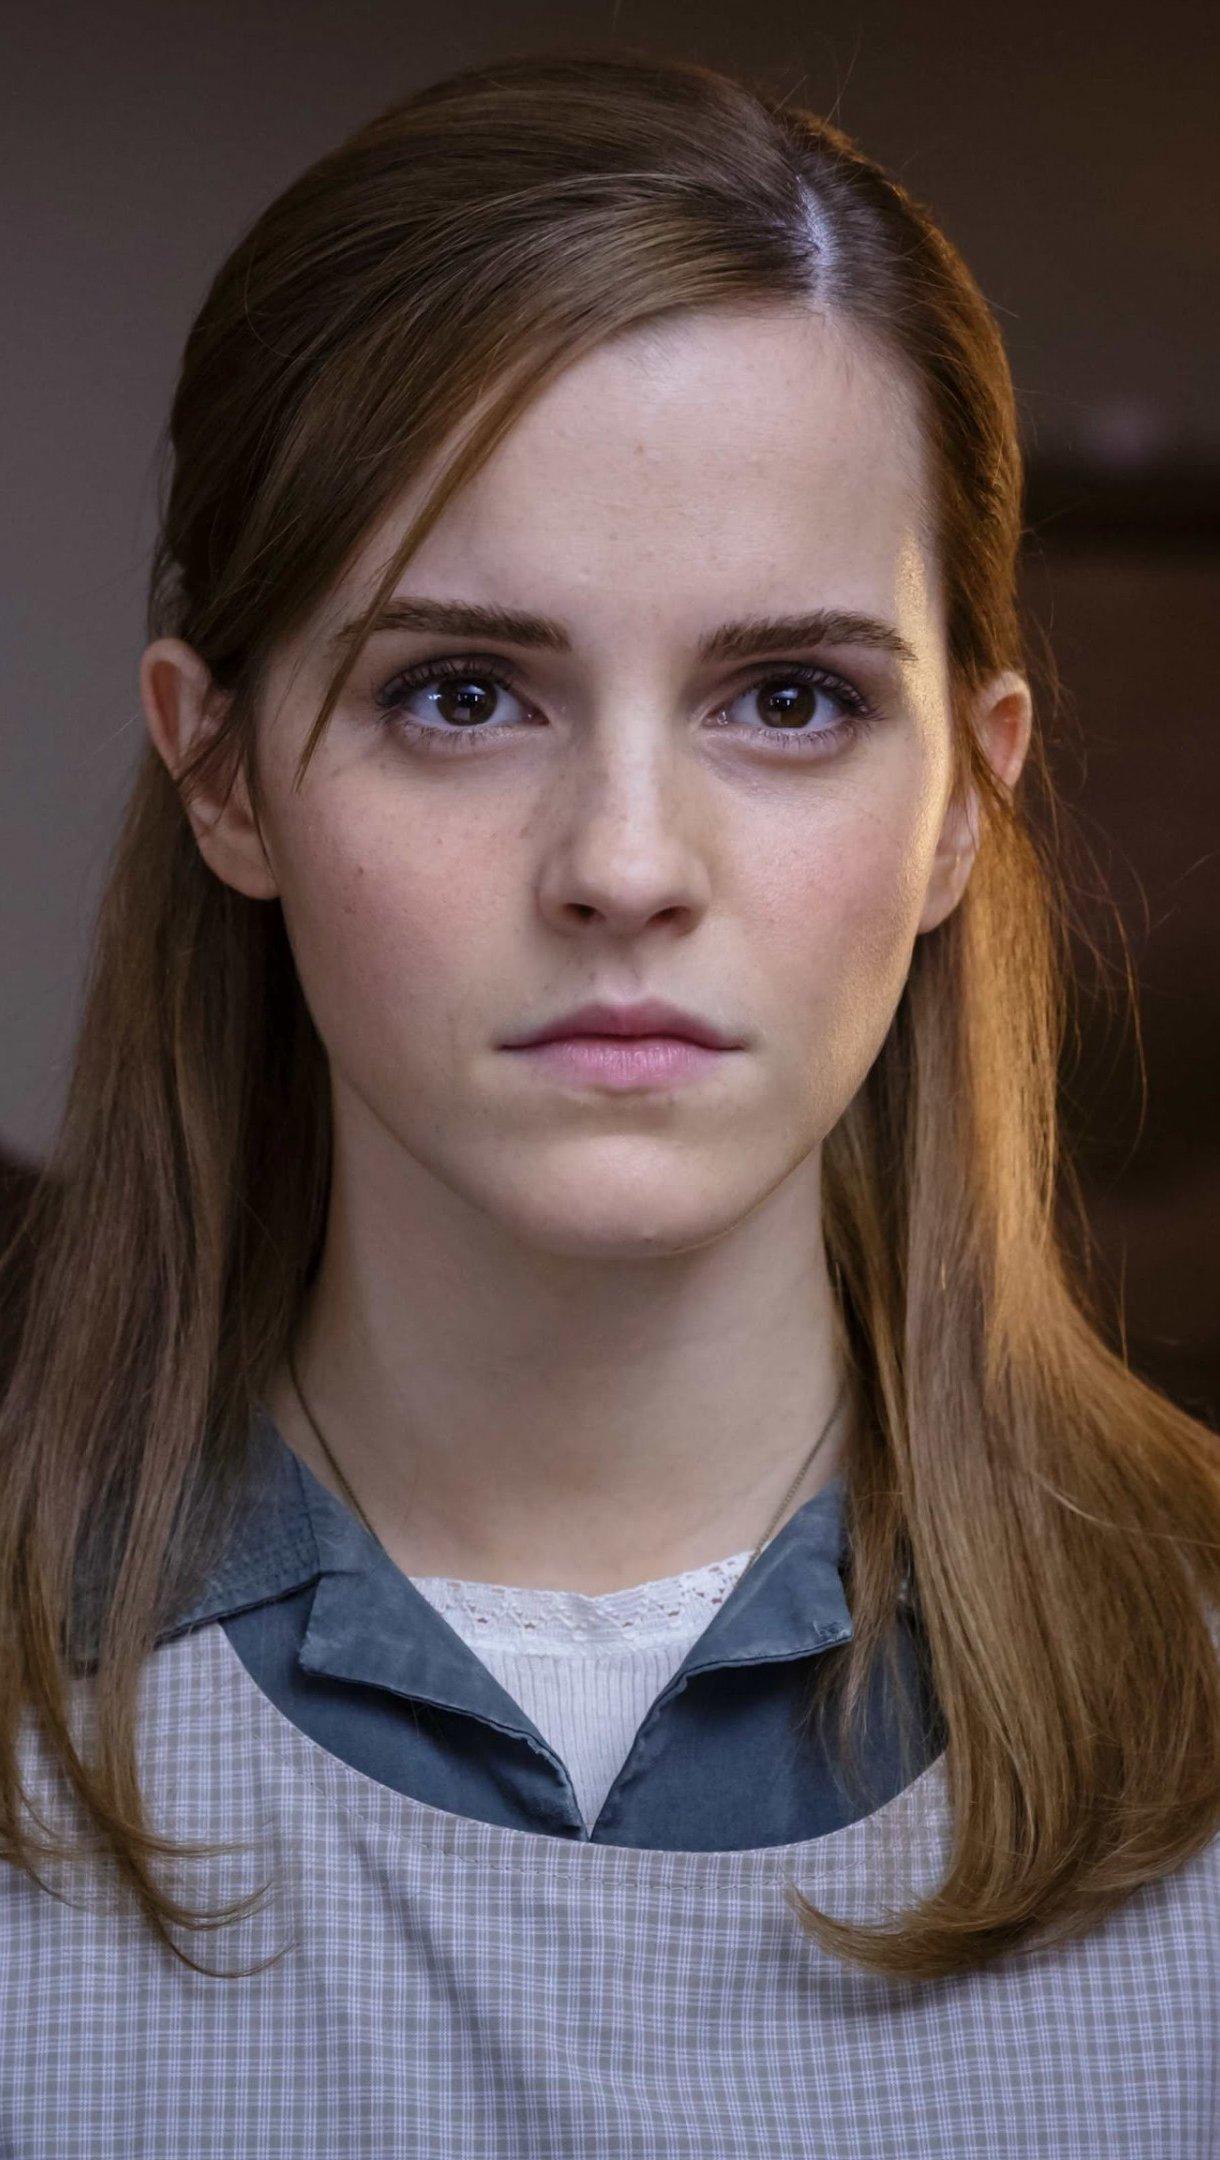 Fondos de pantalla Emma Watson en Película Regresión Vertical